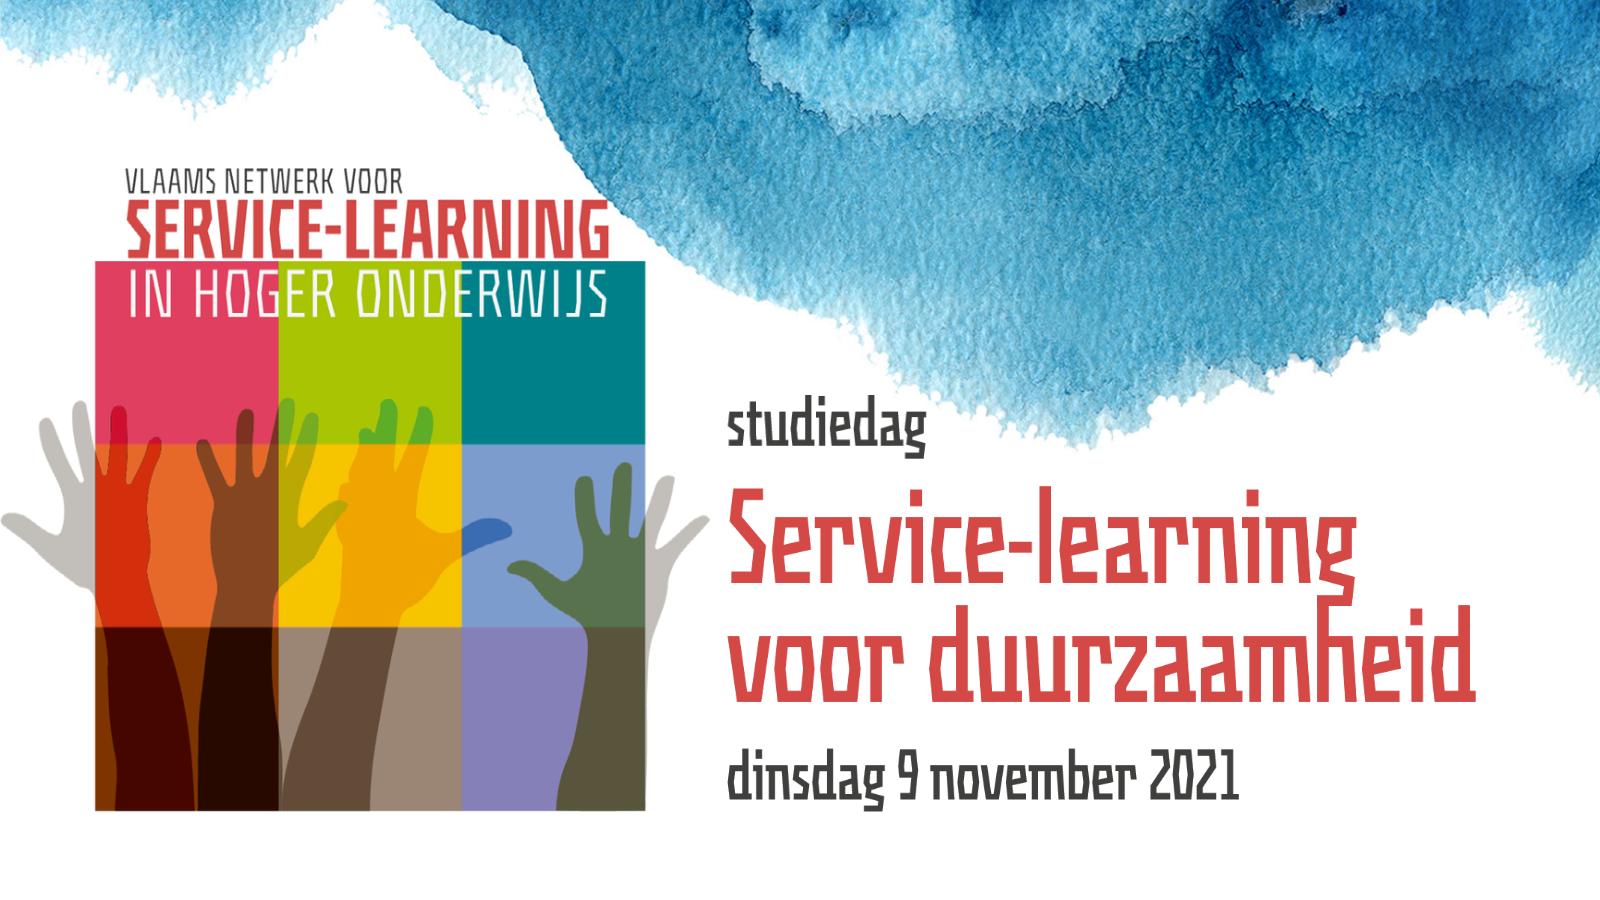 Service-learning voor duurzaamheid